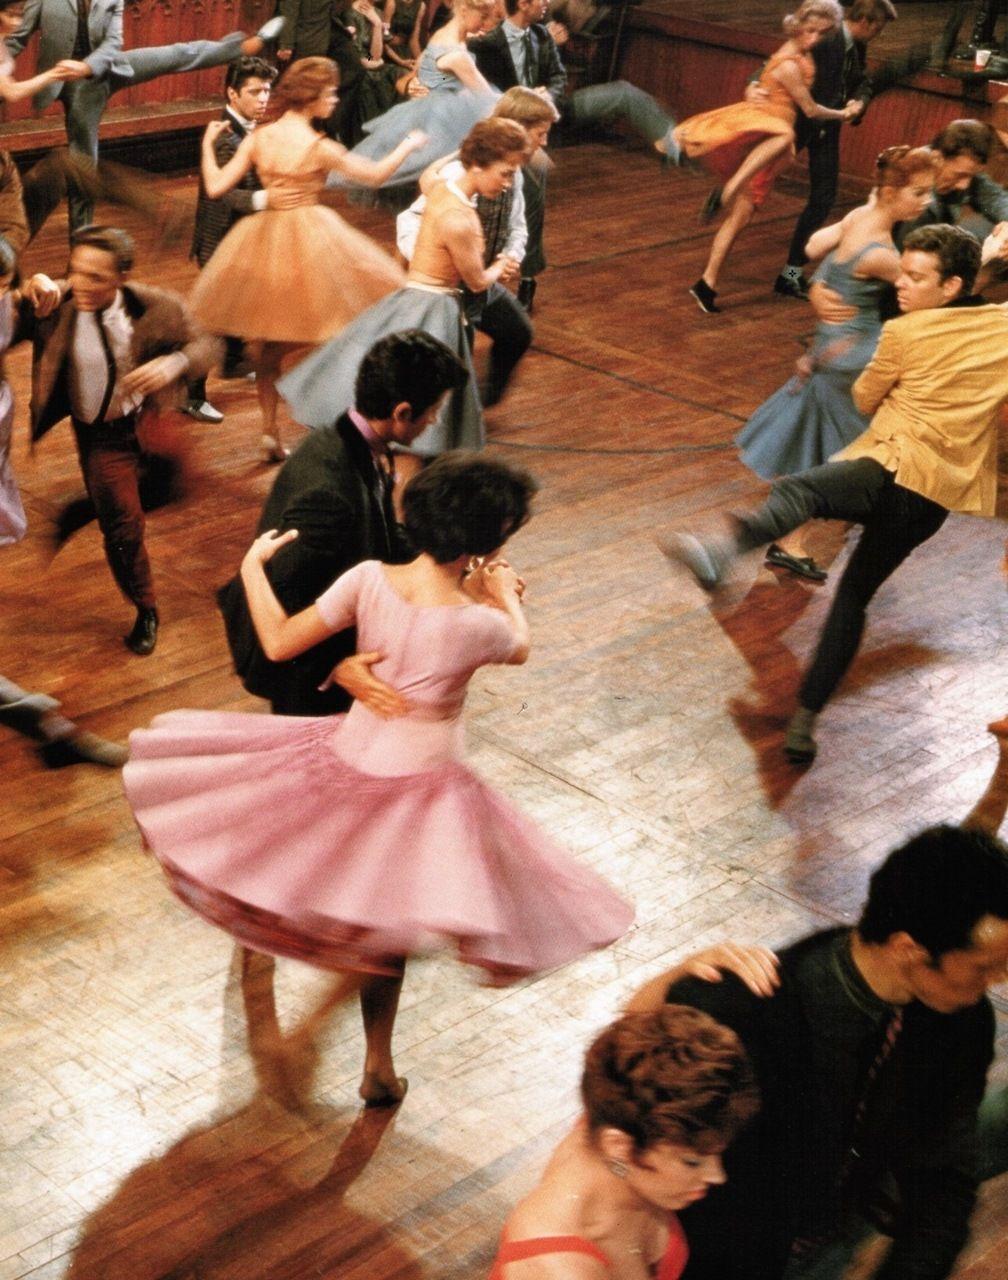 Einfach Tanzen Swing Tanzen Lass Dich Fuhren Dancepartner De Berlin Hamburg Munchen Koln Stuttgart Frankfurt Am Main Ess Vintage Lindy